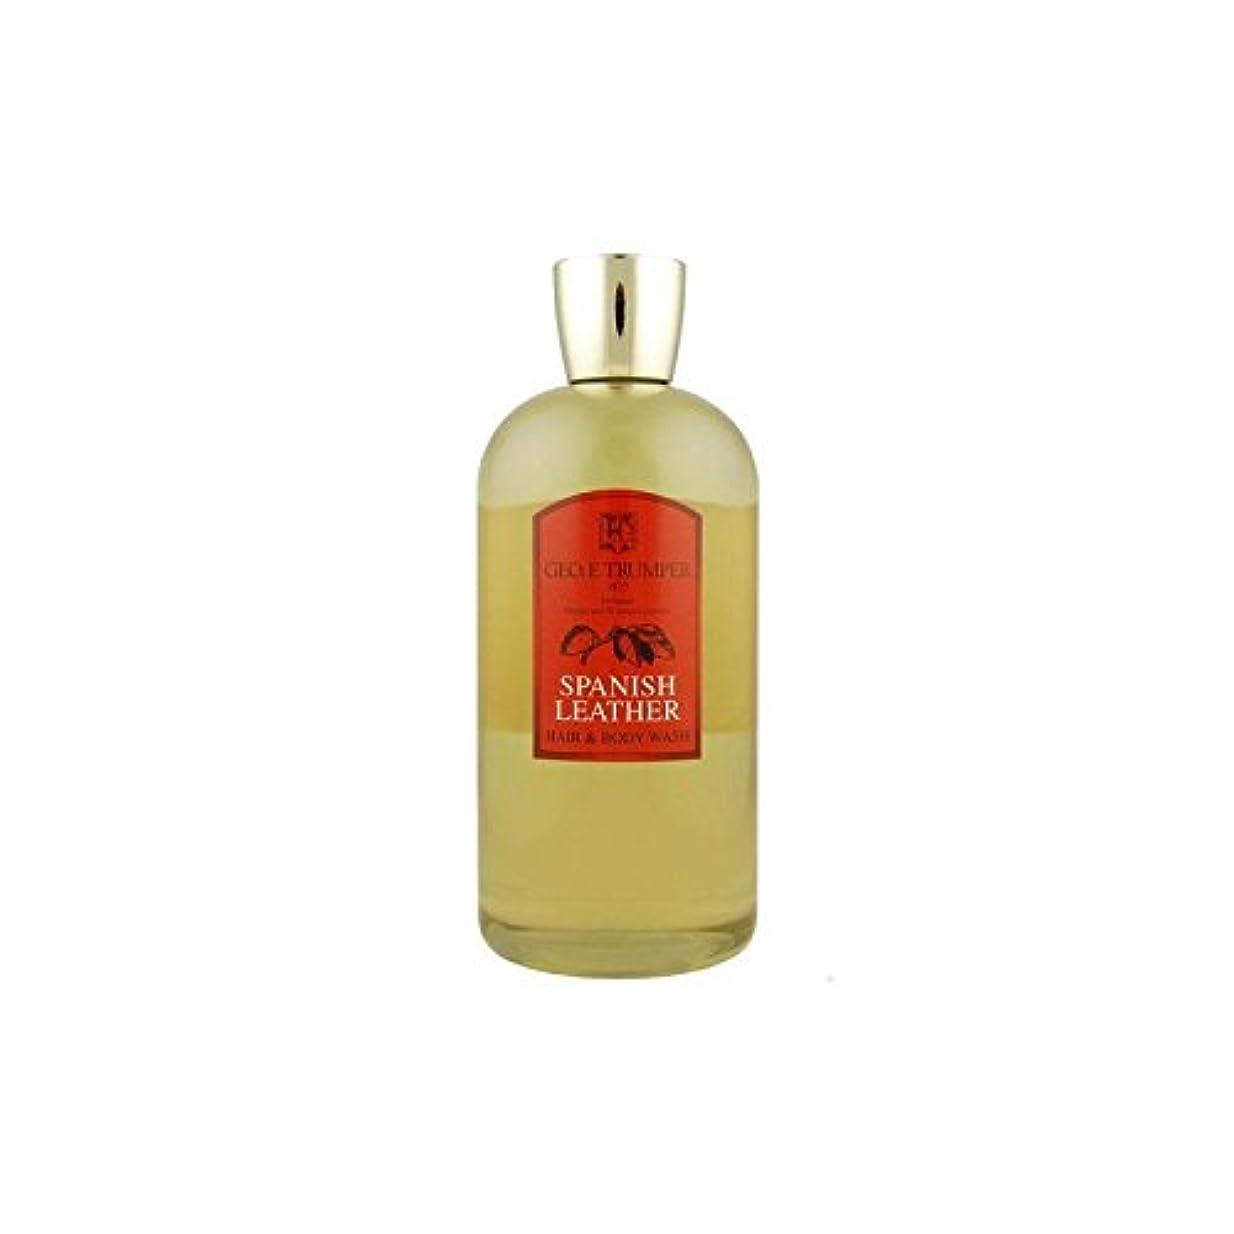 快い種人事Trumpers Spanish Leather Hair and Body Wash - 500mlTravel Bottle (Pack of 6) - 革の髪とボディウォッシュスペイン語 - 500ボトル x6 [...